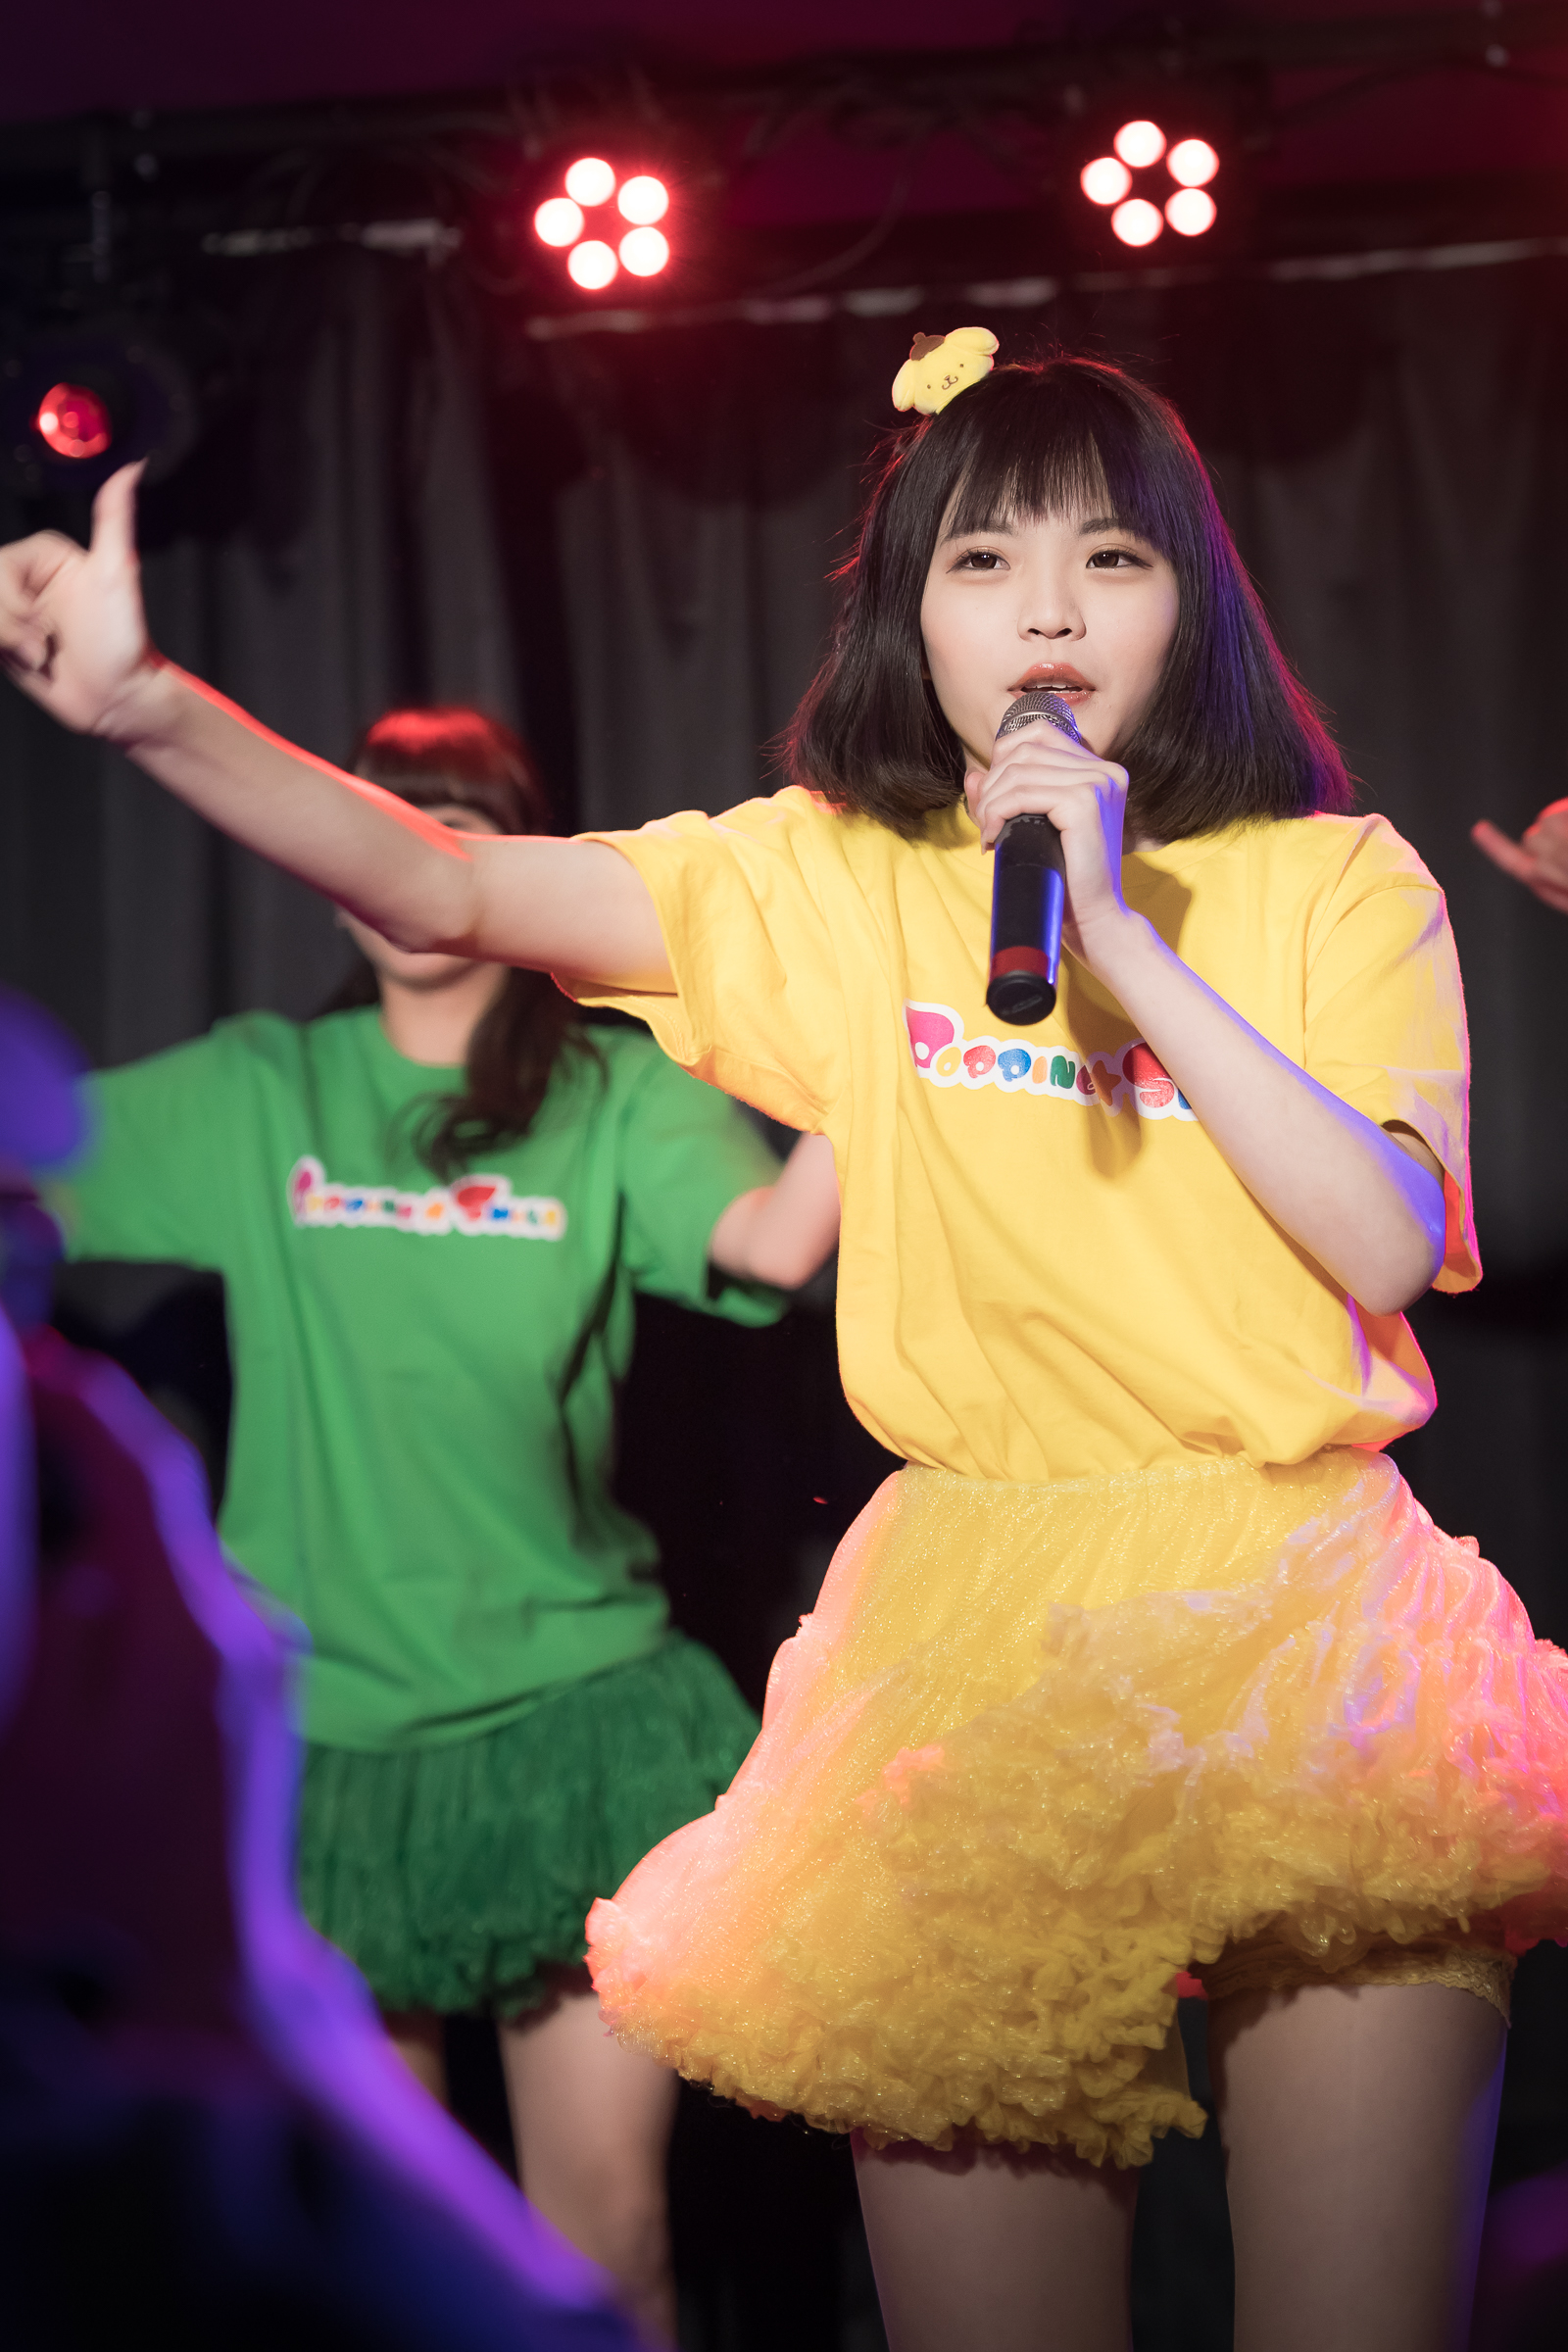 POPPING☆SMILE るな ( 成海琉那 ) | イベントお疲れ様でした!イベント